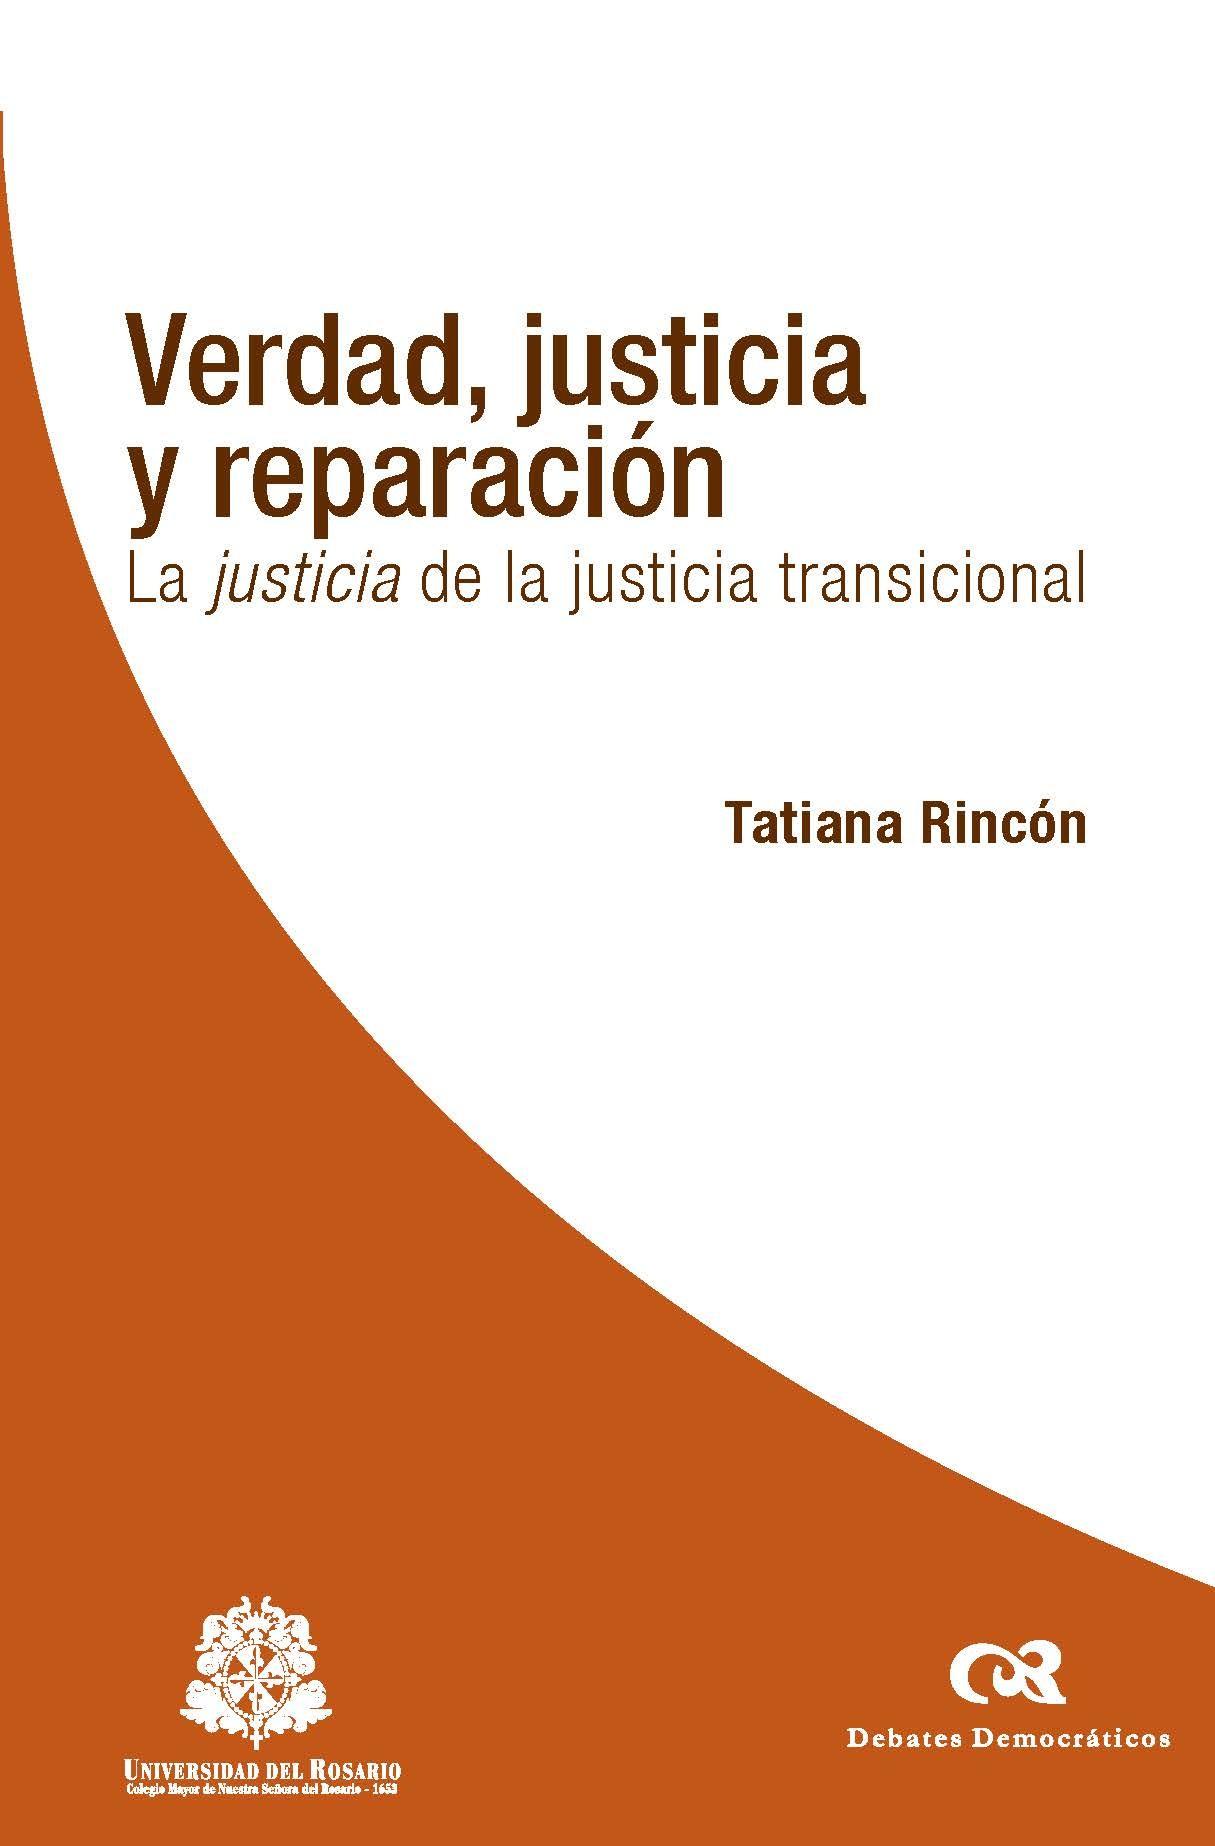 Verdad, justicia y reparación. La justicia de la justicia transicional